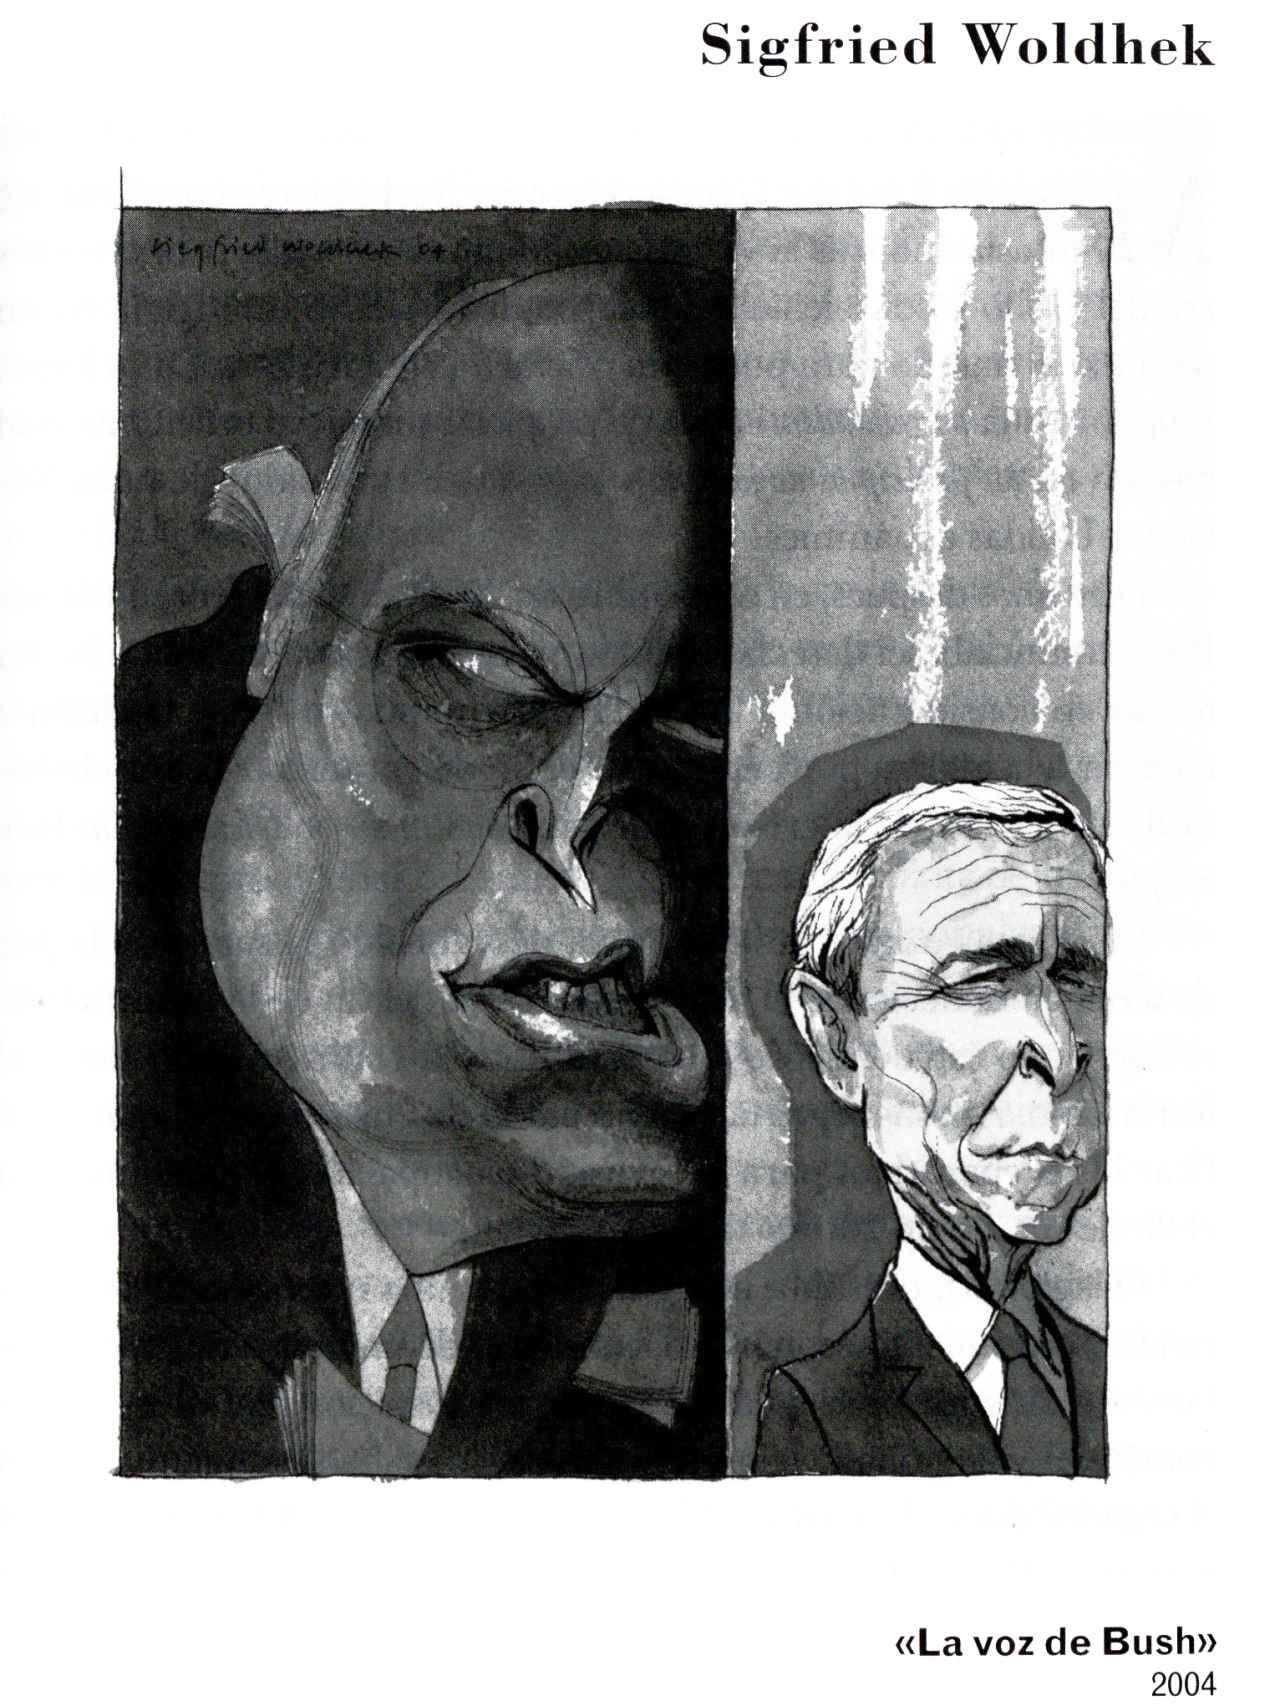 Una de las viñetas que aparecen en la recopilación histórica de Roberto Fandiño.